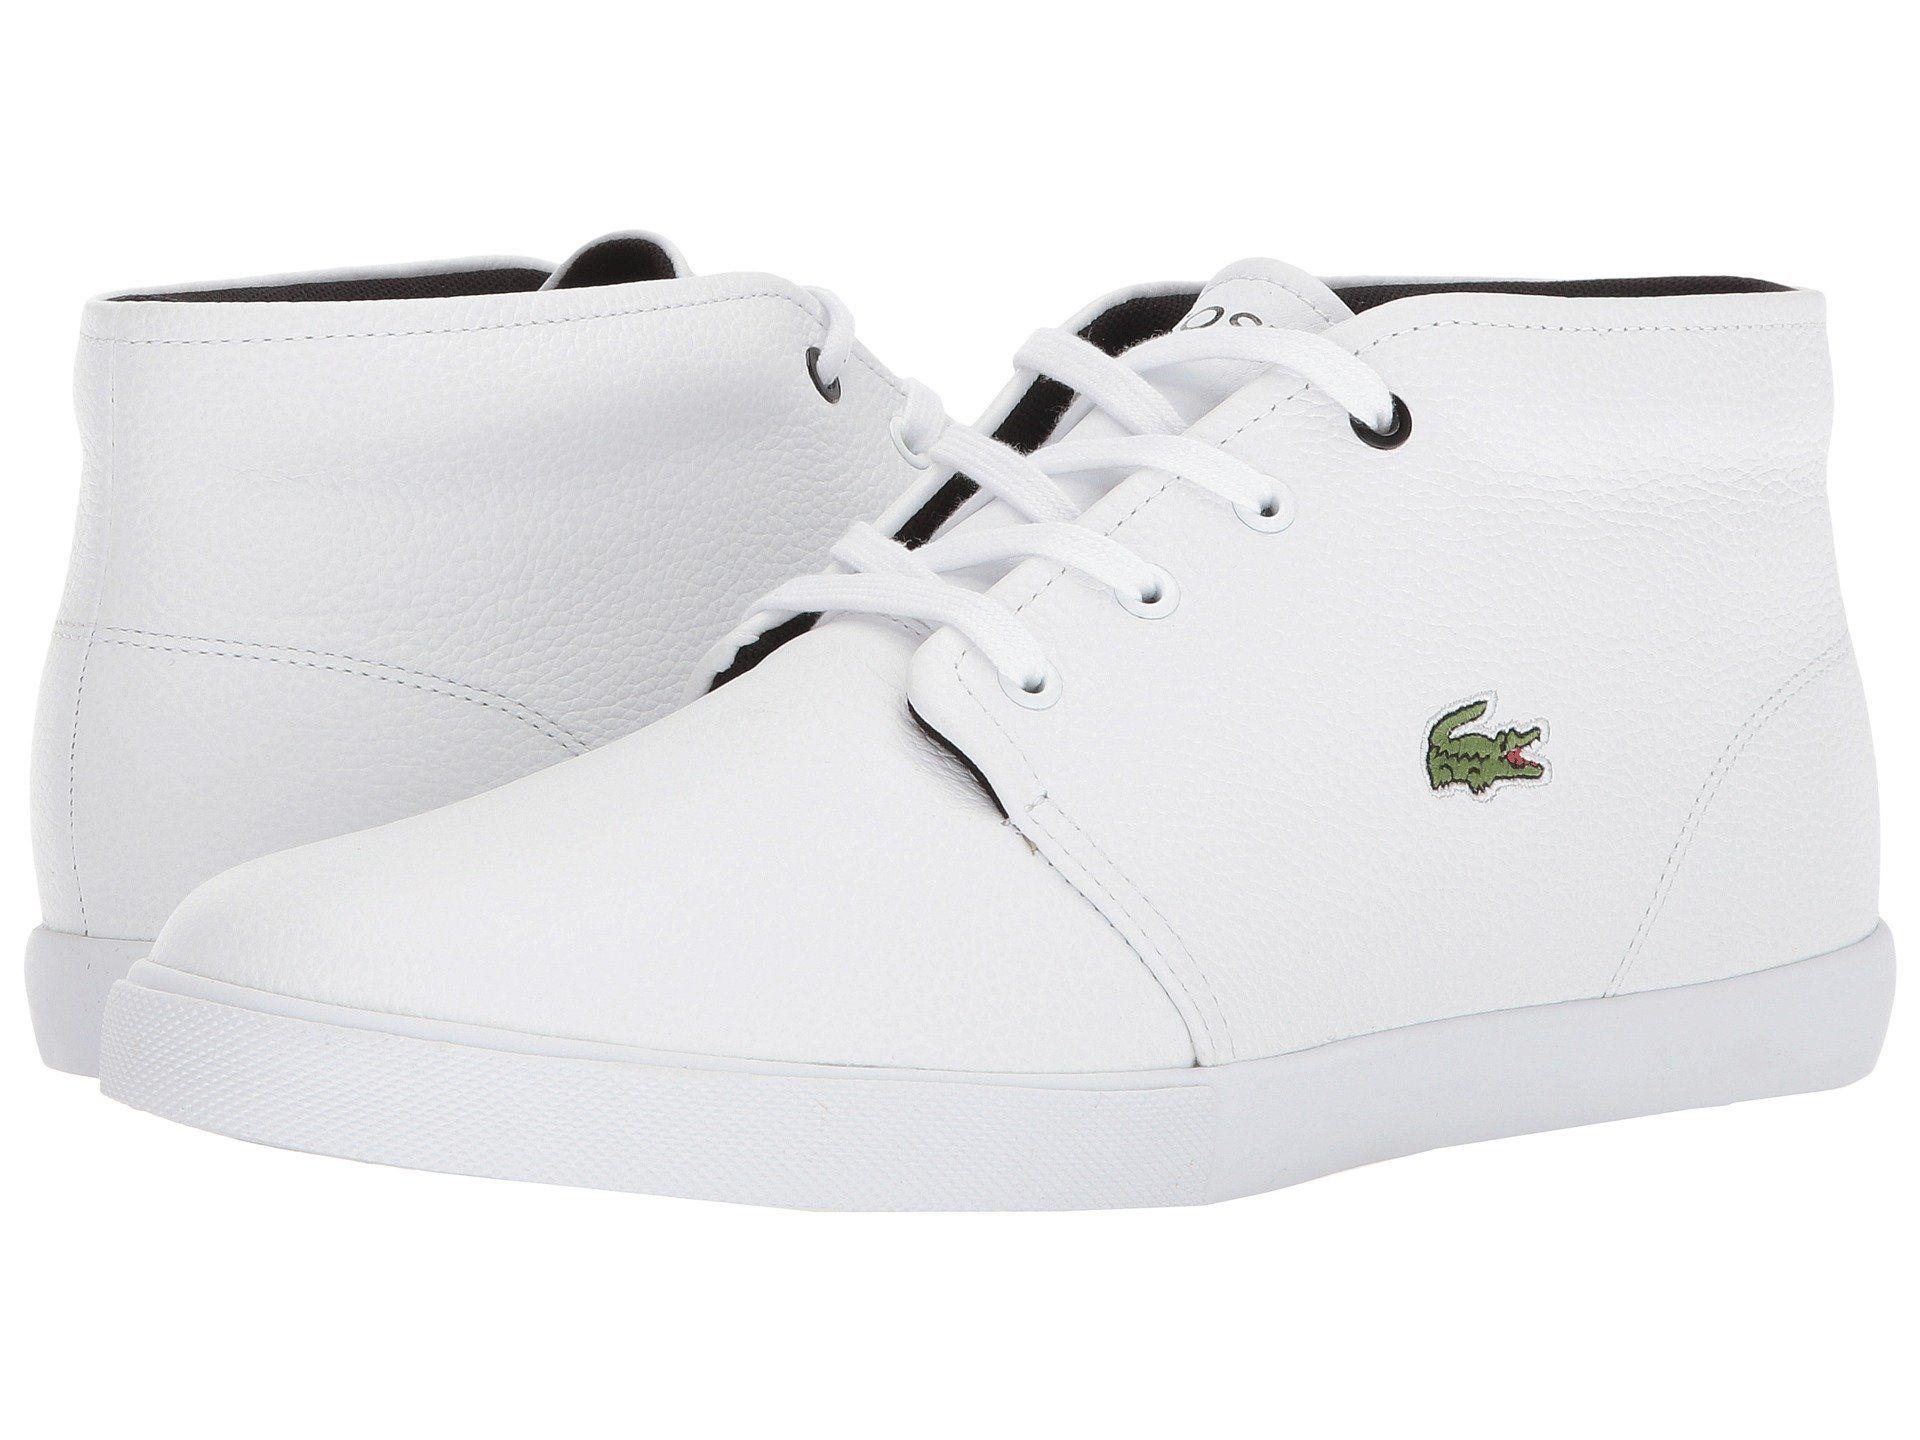 870c74e4ef3b1 LACOSTE Asparta 118 1 P.  lacoste  shoes